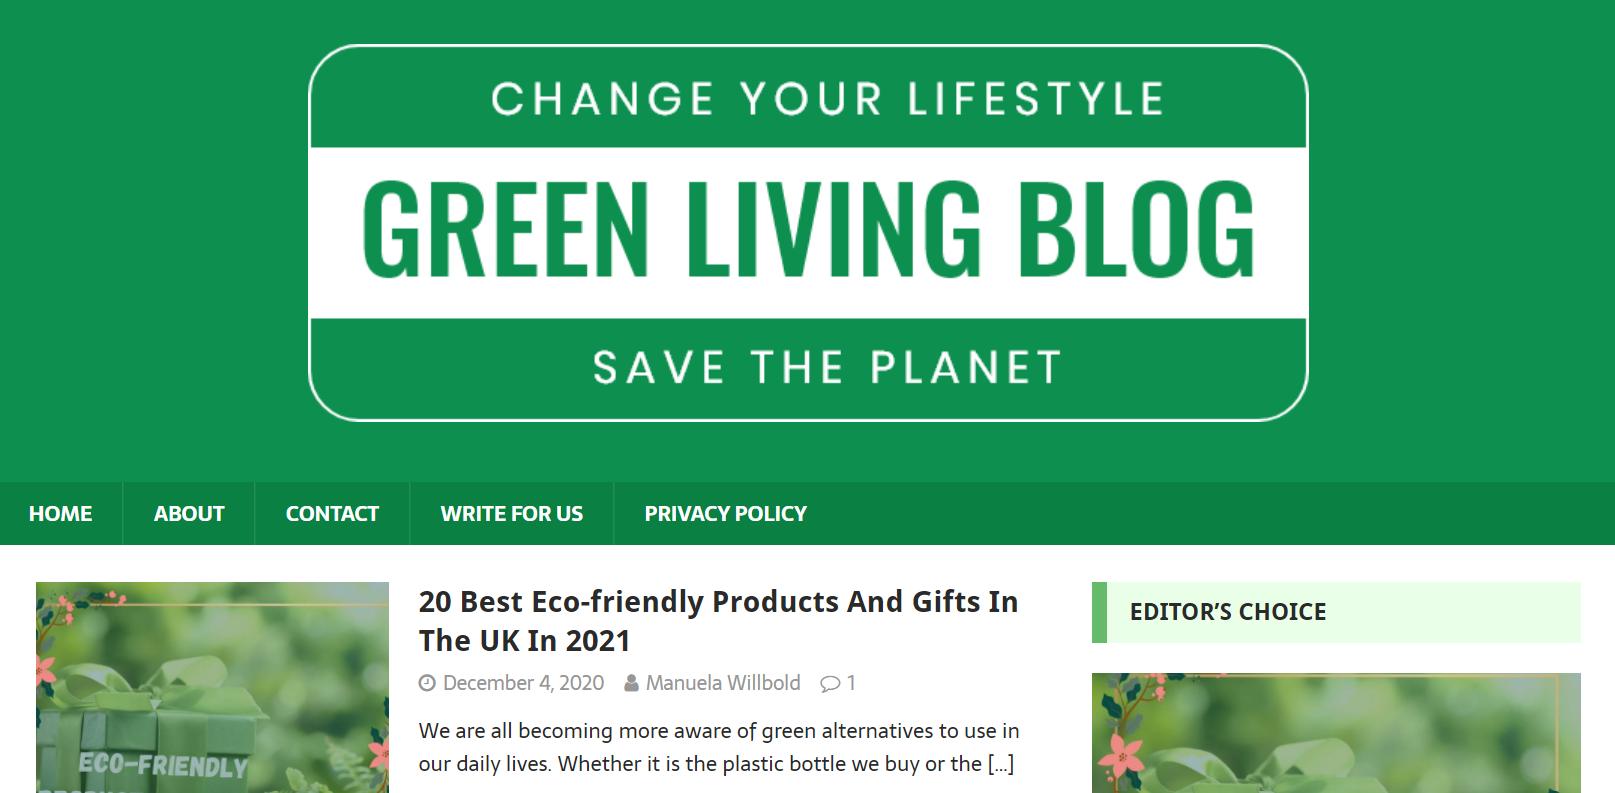 privater-blog-von-einem-pbn-netzwerk-für-grüner-leben-inhalte